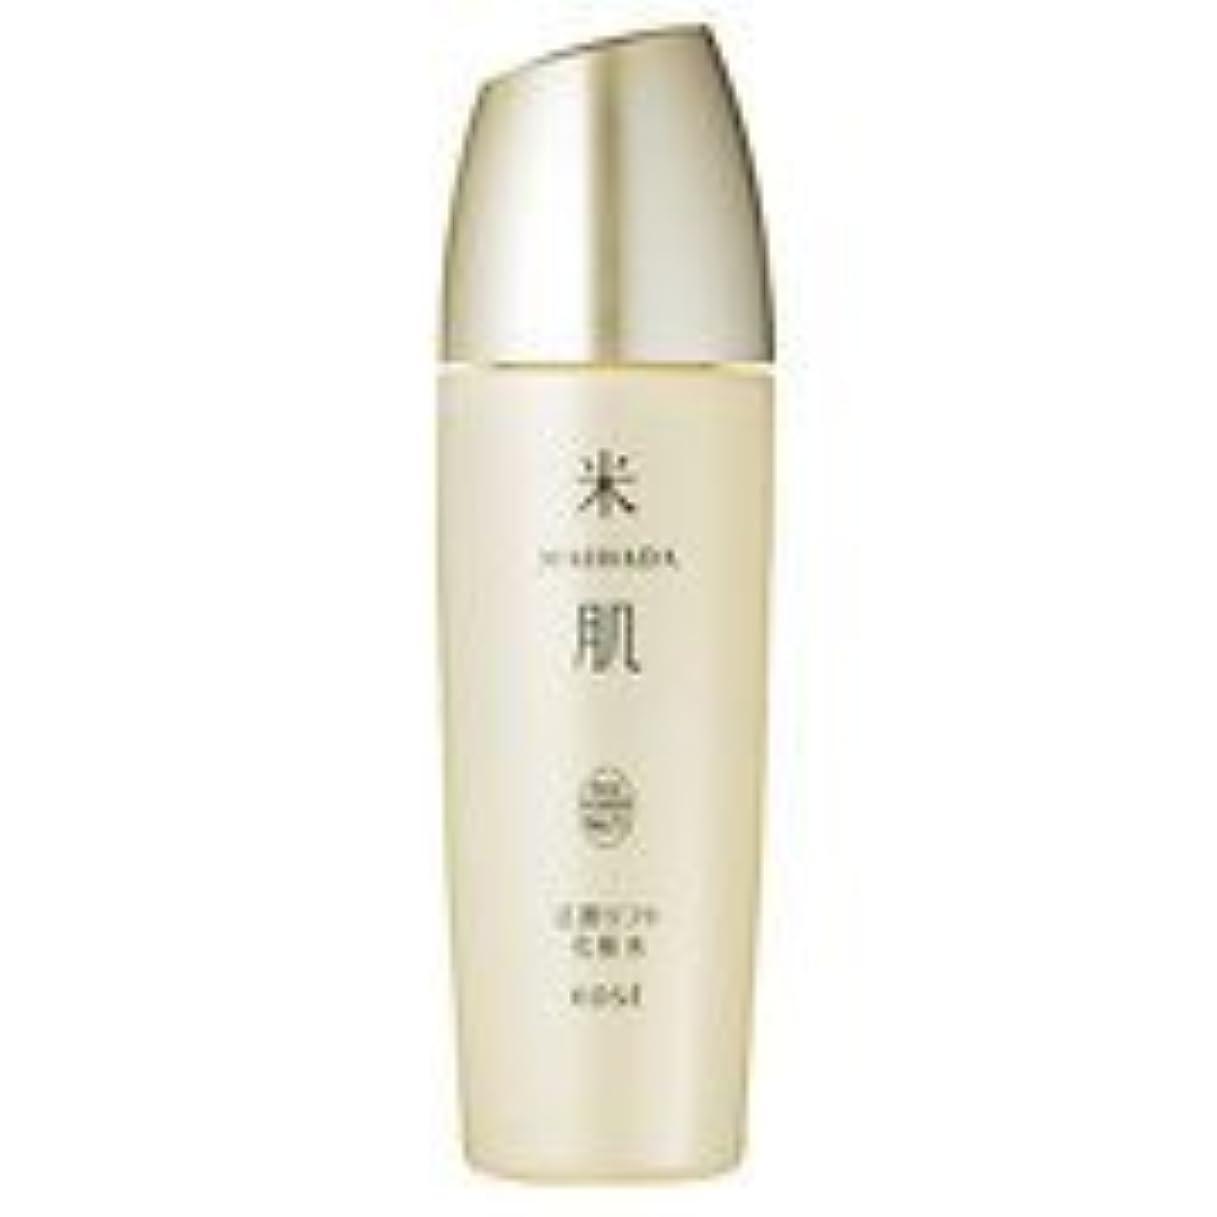 ジョブ乱れ入り口米肌(MAIHADA) 活潤リフト 化粧水 120ml